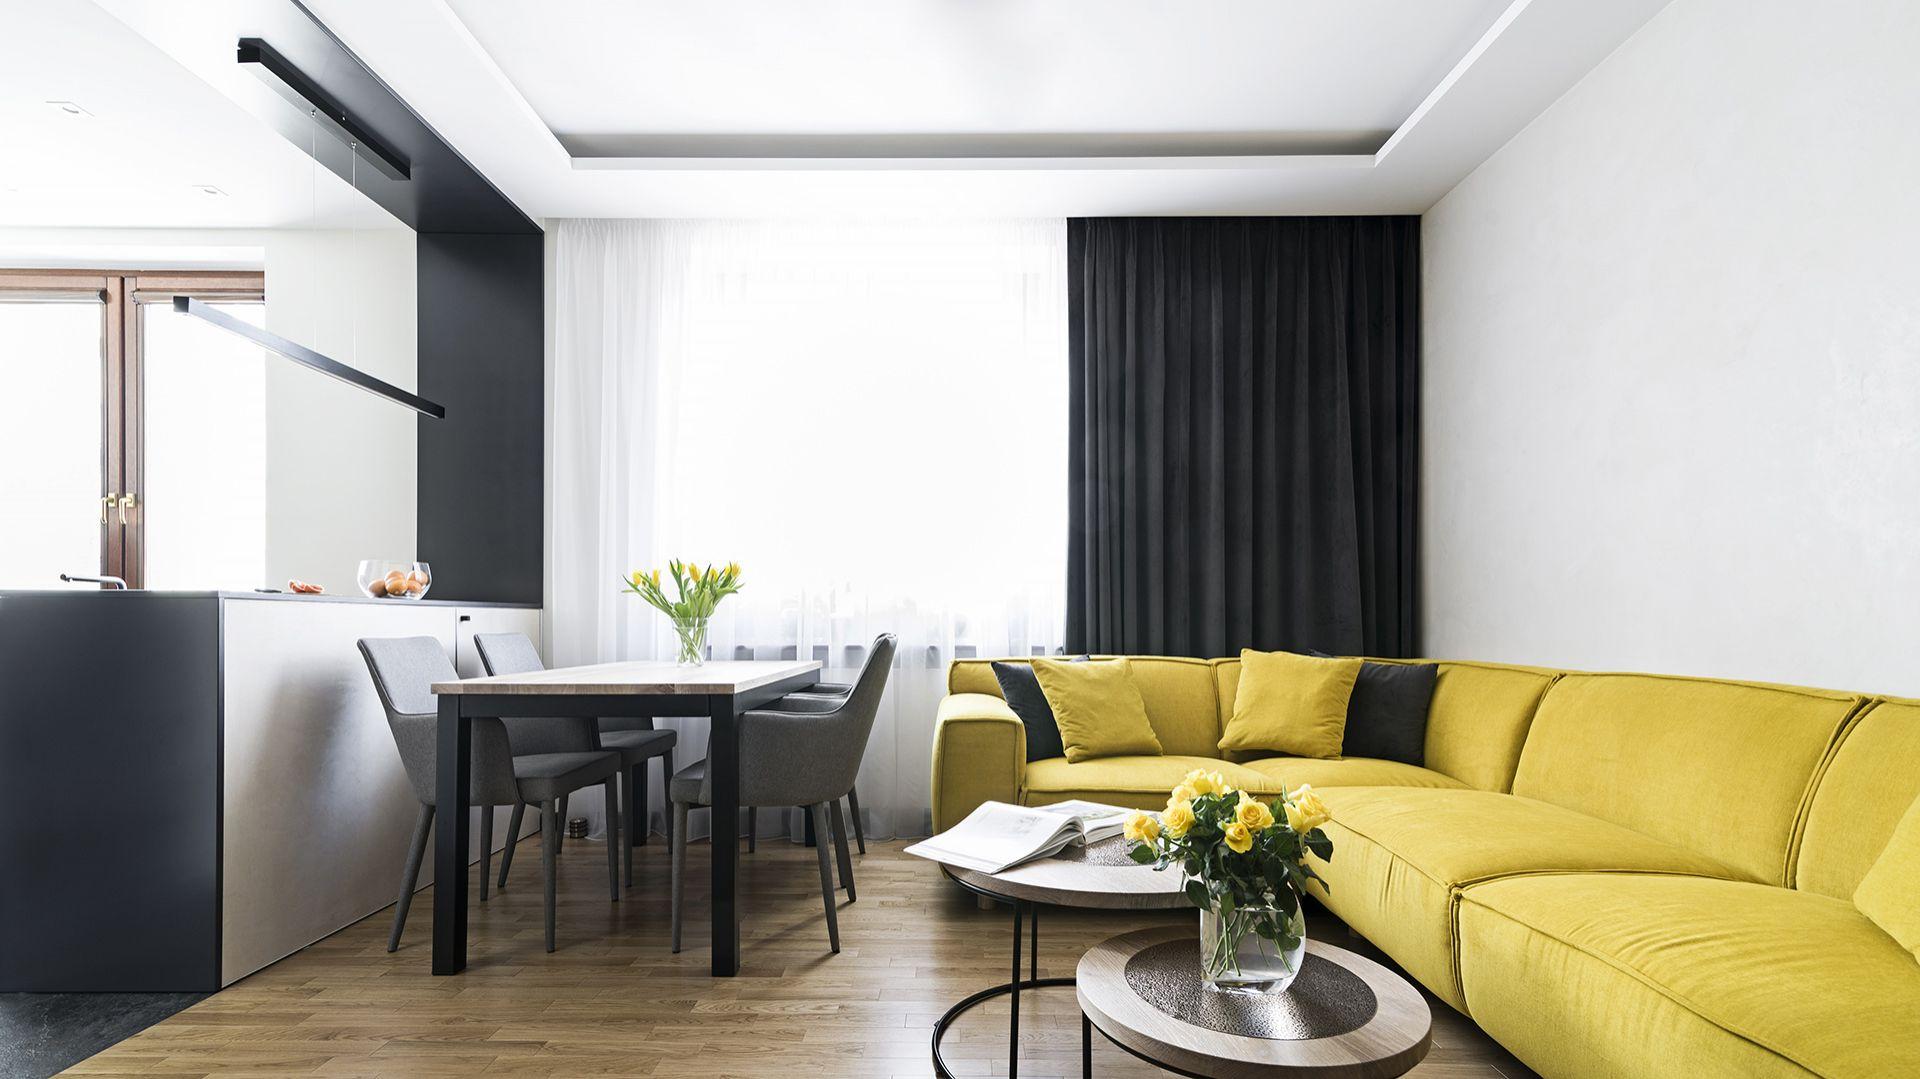 Połączenie otwartego układu funkcjonalnego z nowoczesnym, eleganckim wystrojem pozwoliło uzyskać przepiękny apartament o powierzchni 50 m2. Projekt: MMA Pracownia Architektury. Fot. Rafał Chojnacki